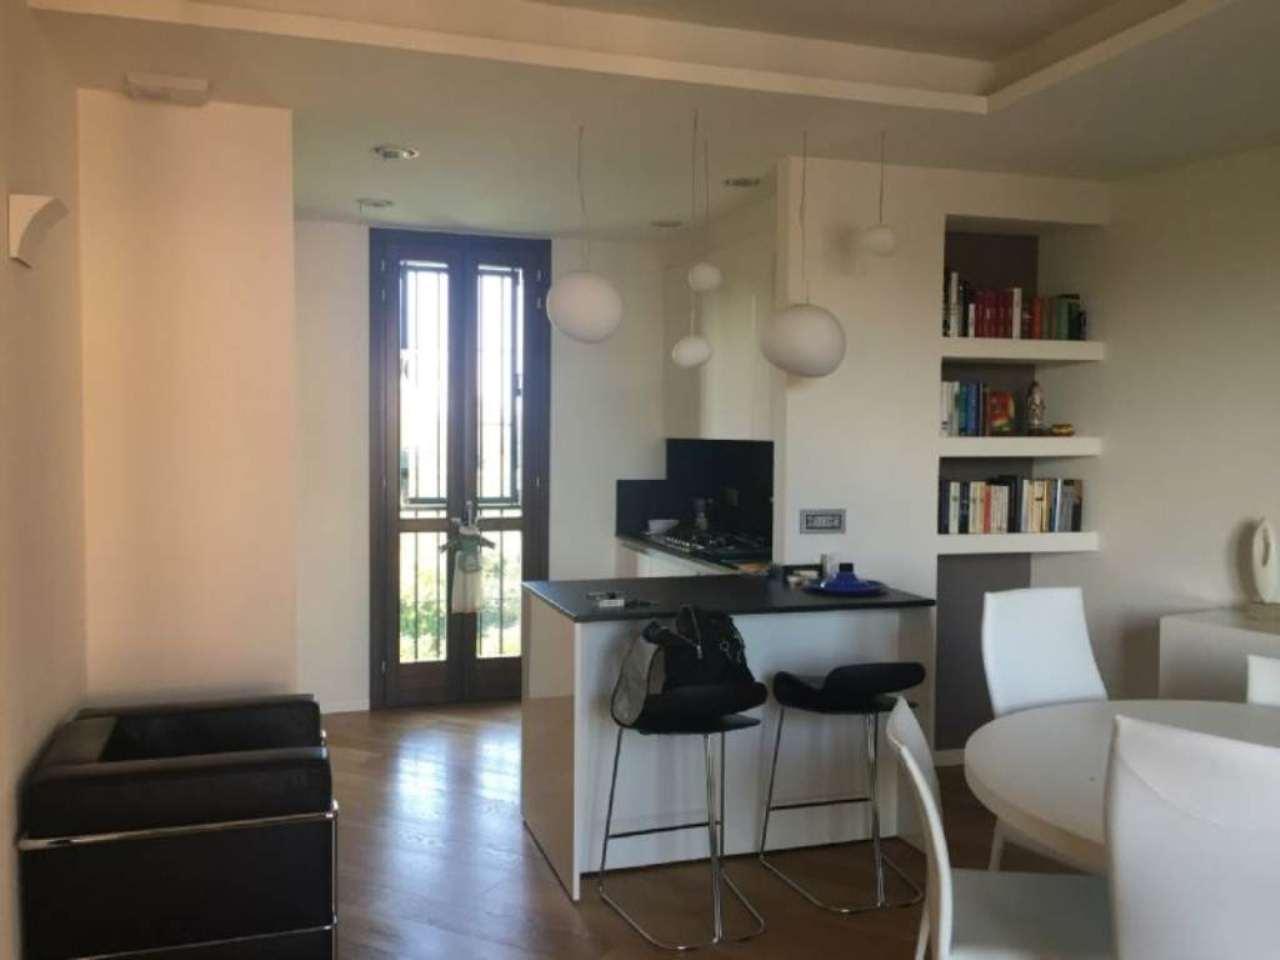 Attico / Mansarda in vendita a Formigine, 4 locali, prezzo € 325.000 | PortaleAgenzieImmobiliari.it